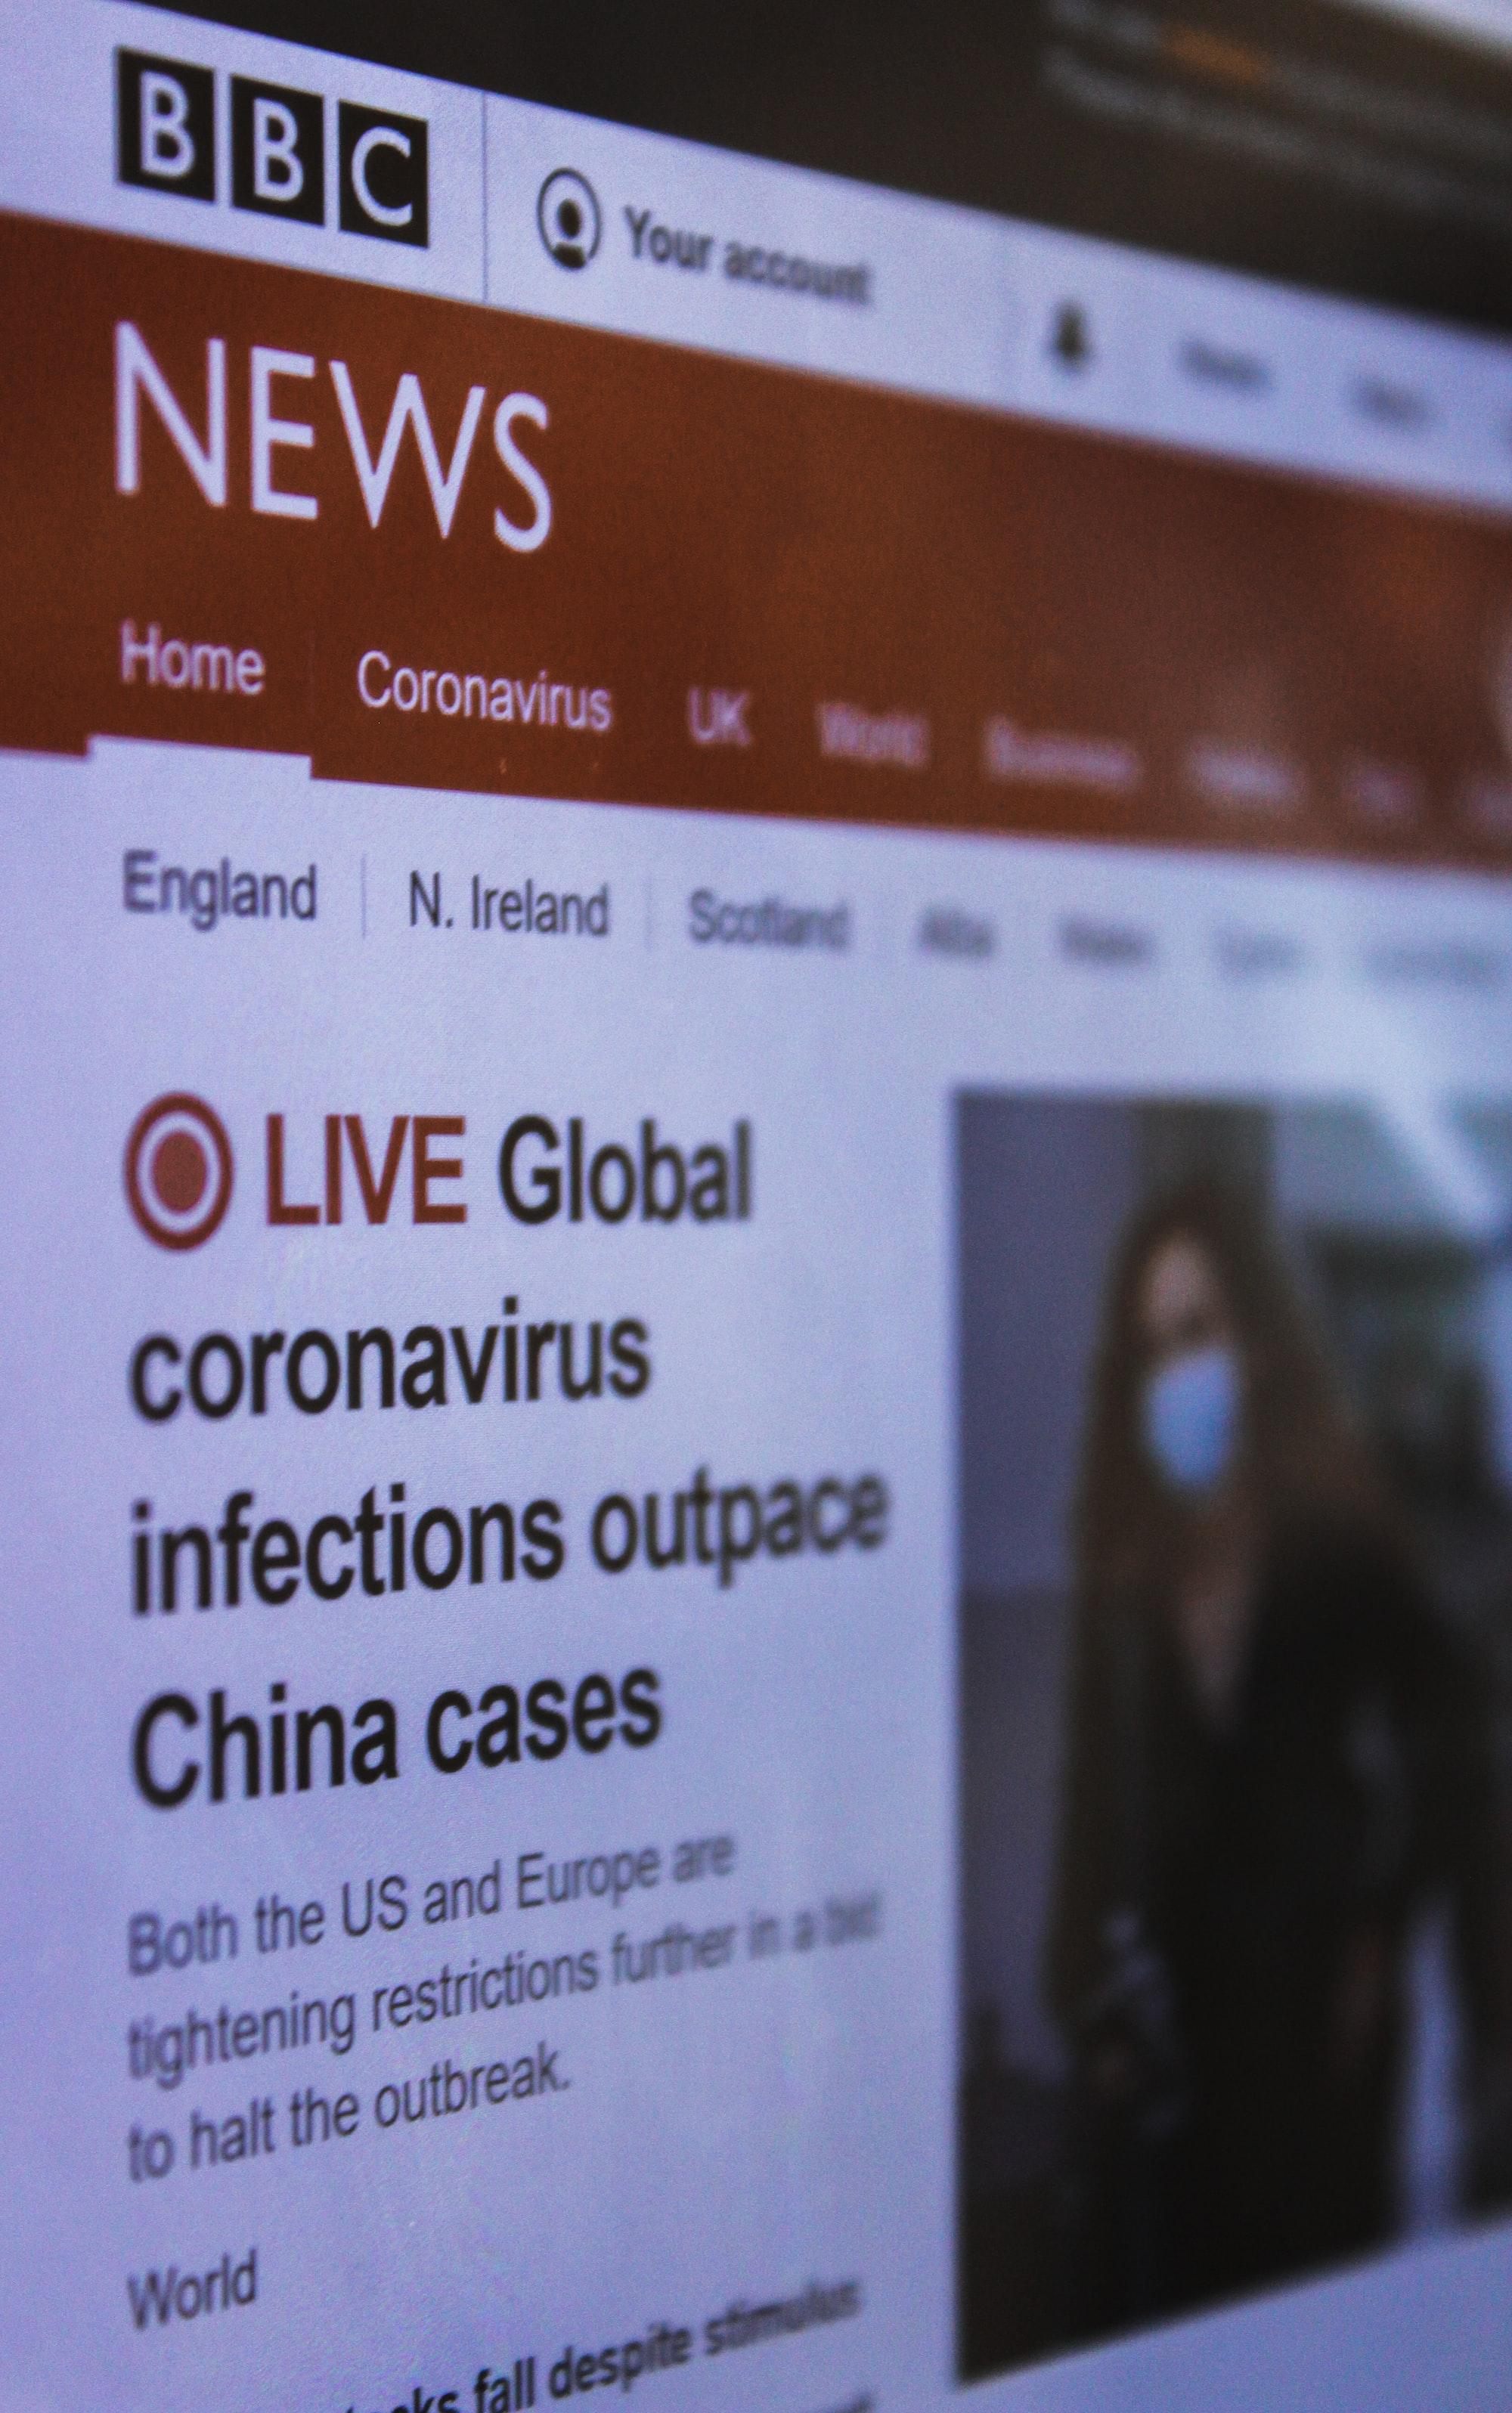 COVID-19 GLOBAL OUTBREAK